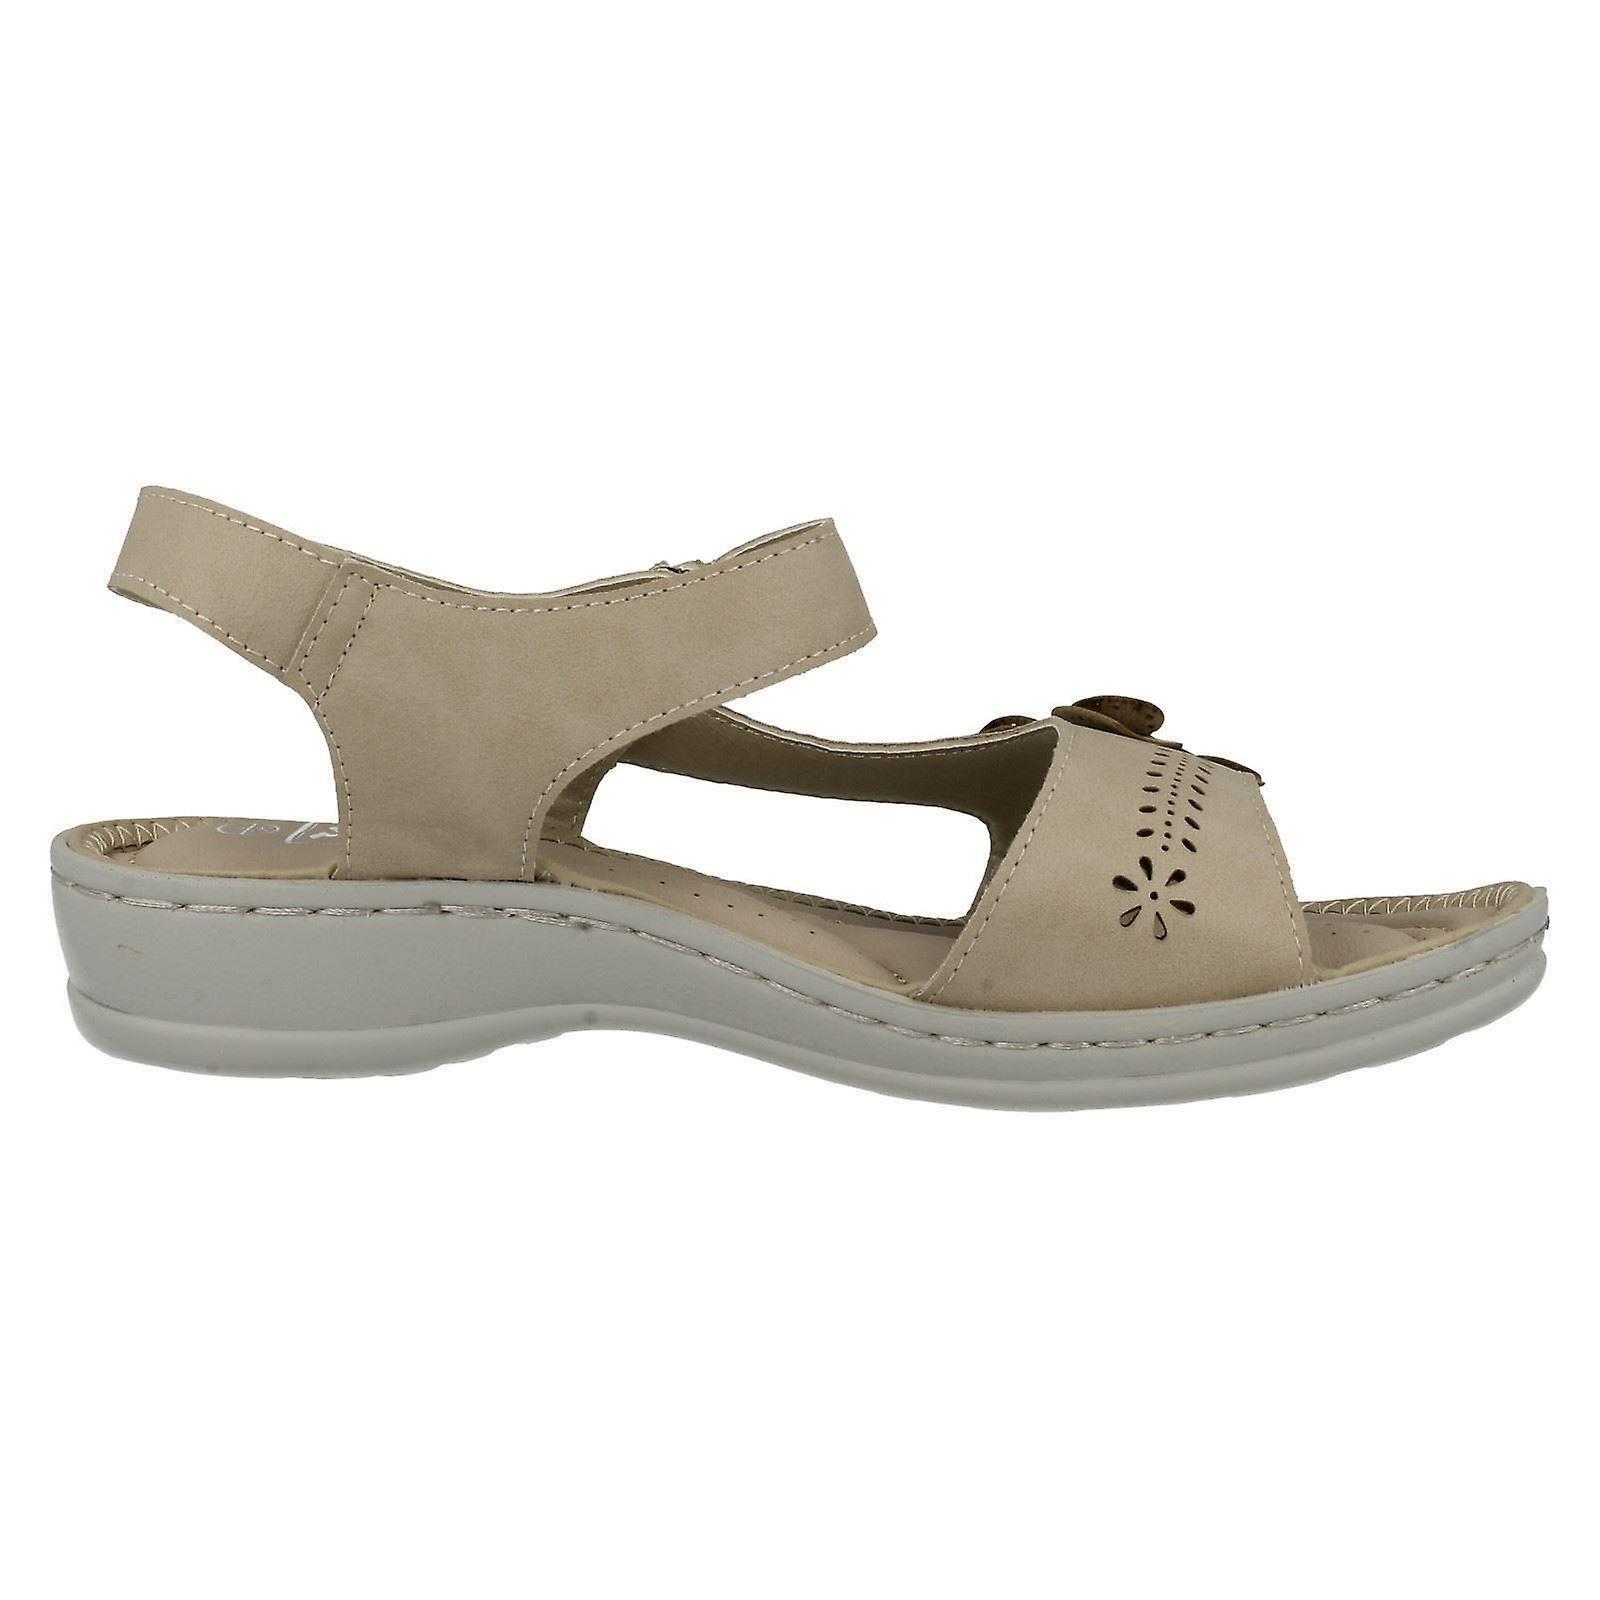 Down to Earth Dames zomer sandalen F10451 r8BaNi